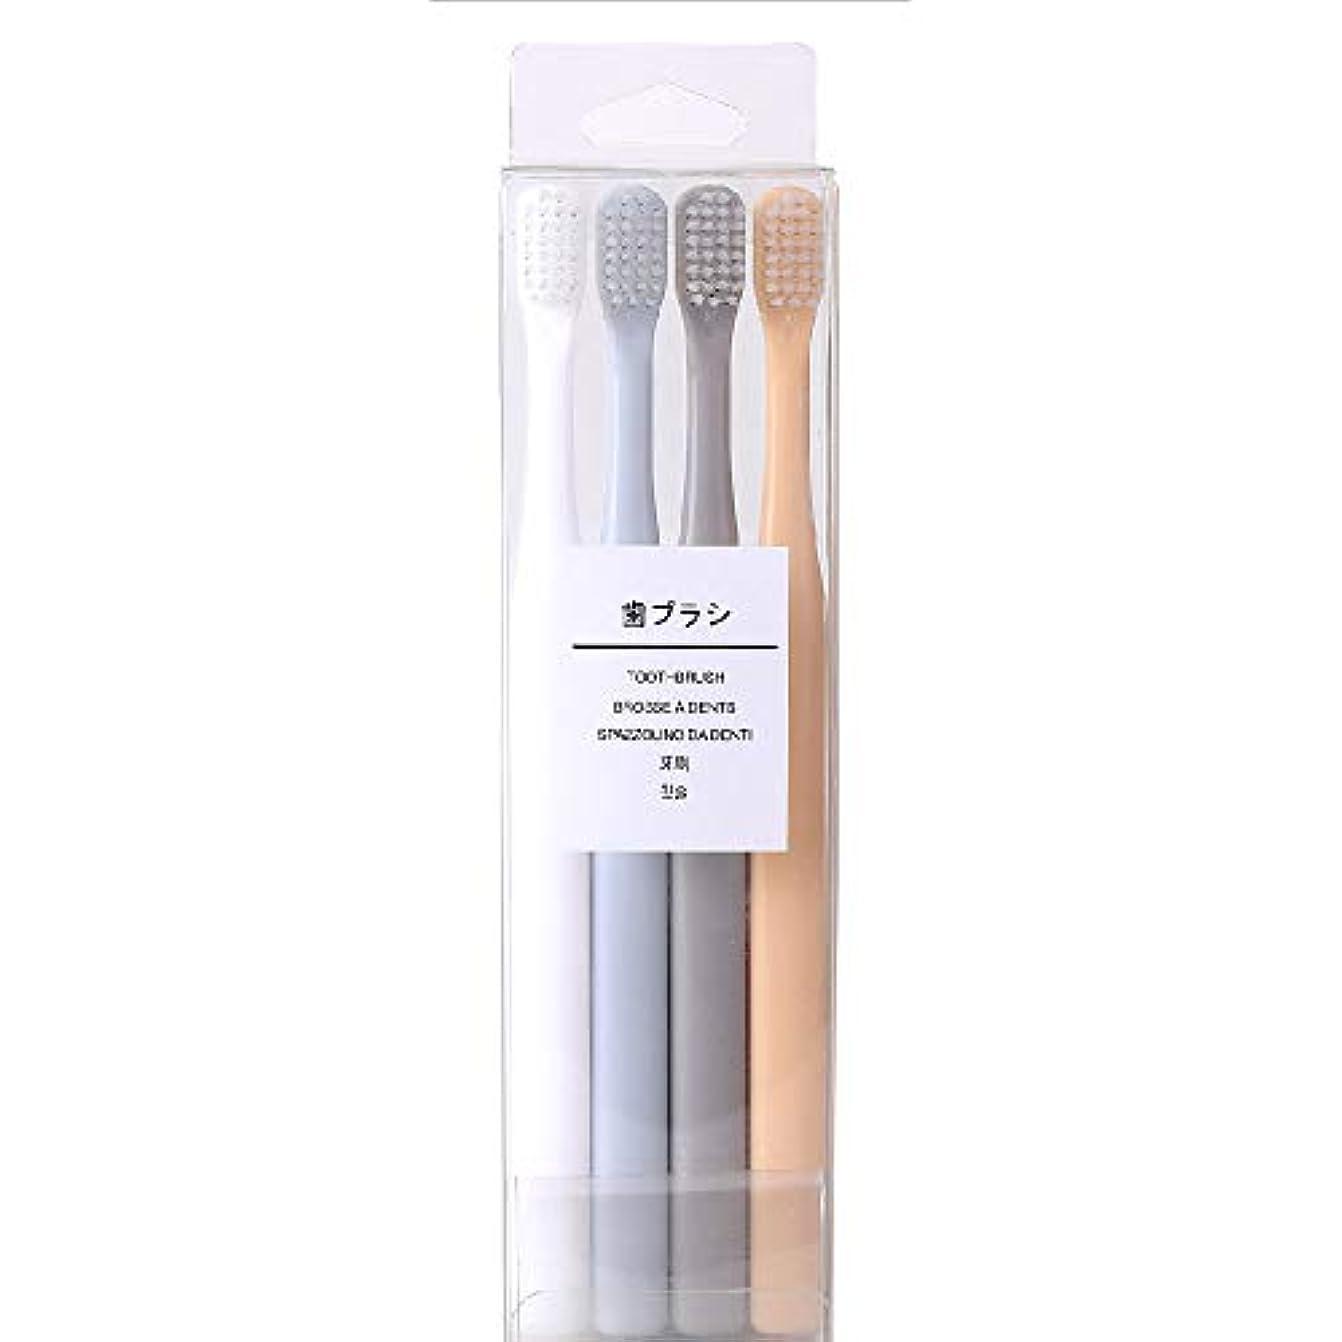 トレイルウルルプレミアlww マニュアル4スティック歯ブラシ、高密度の柔らかい髪、小さな頭単色口腔ケア歯ブラシ、出張旅行家族の使用に適した歯ブラシ